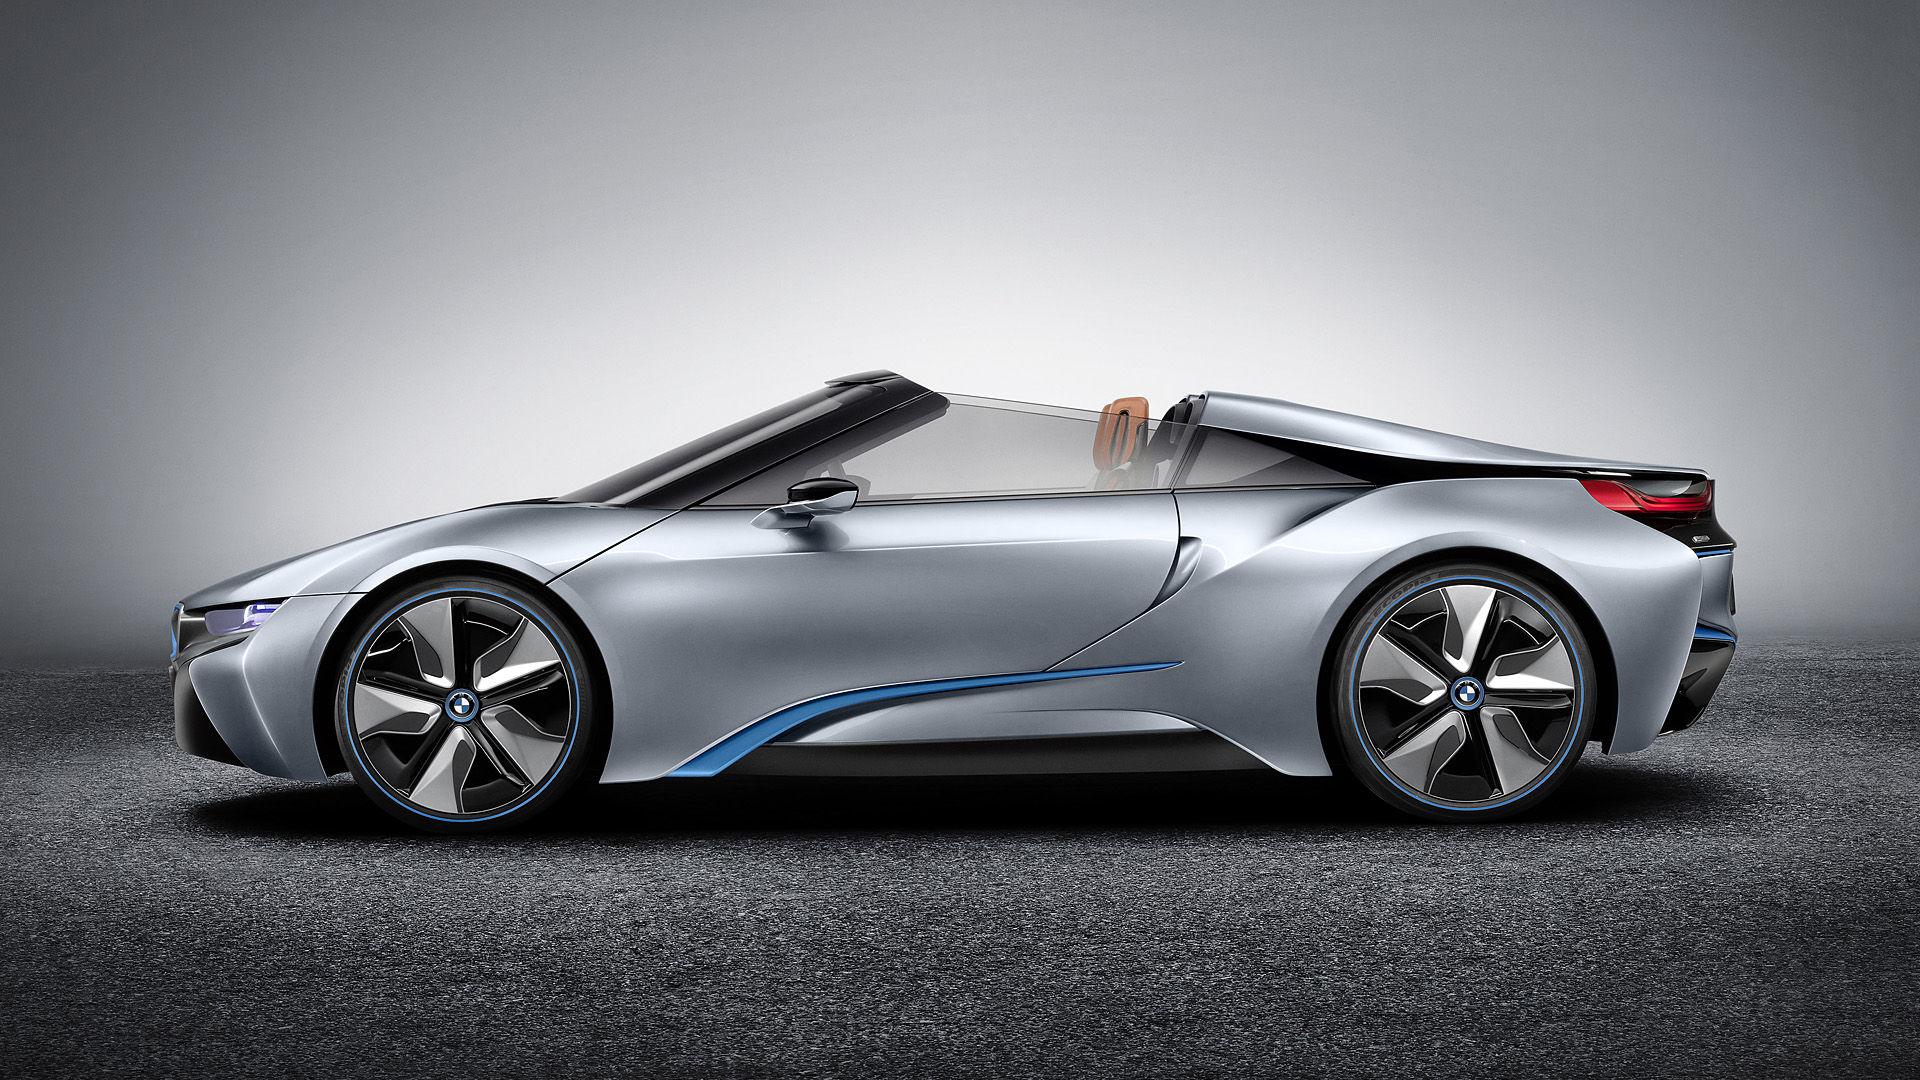 2013 BMW i8 Spyder Concept